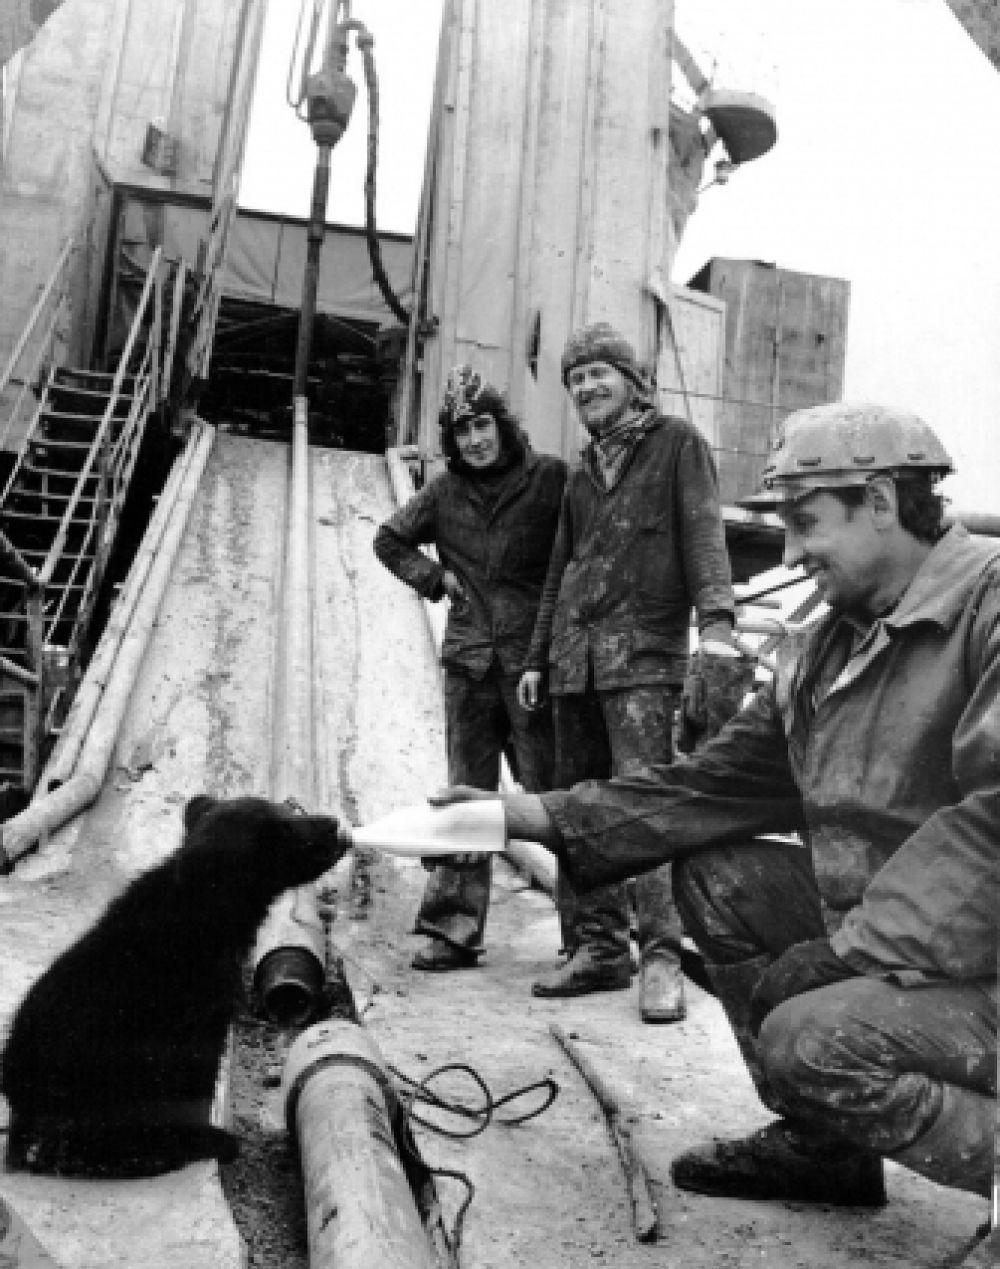 Рабочие буровой бригады во время кормления медвежонка молоком из бутылки. 1980 год.